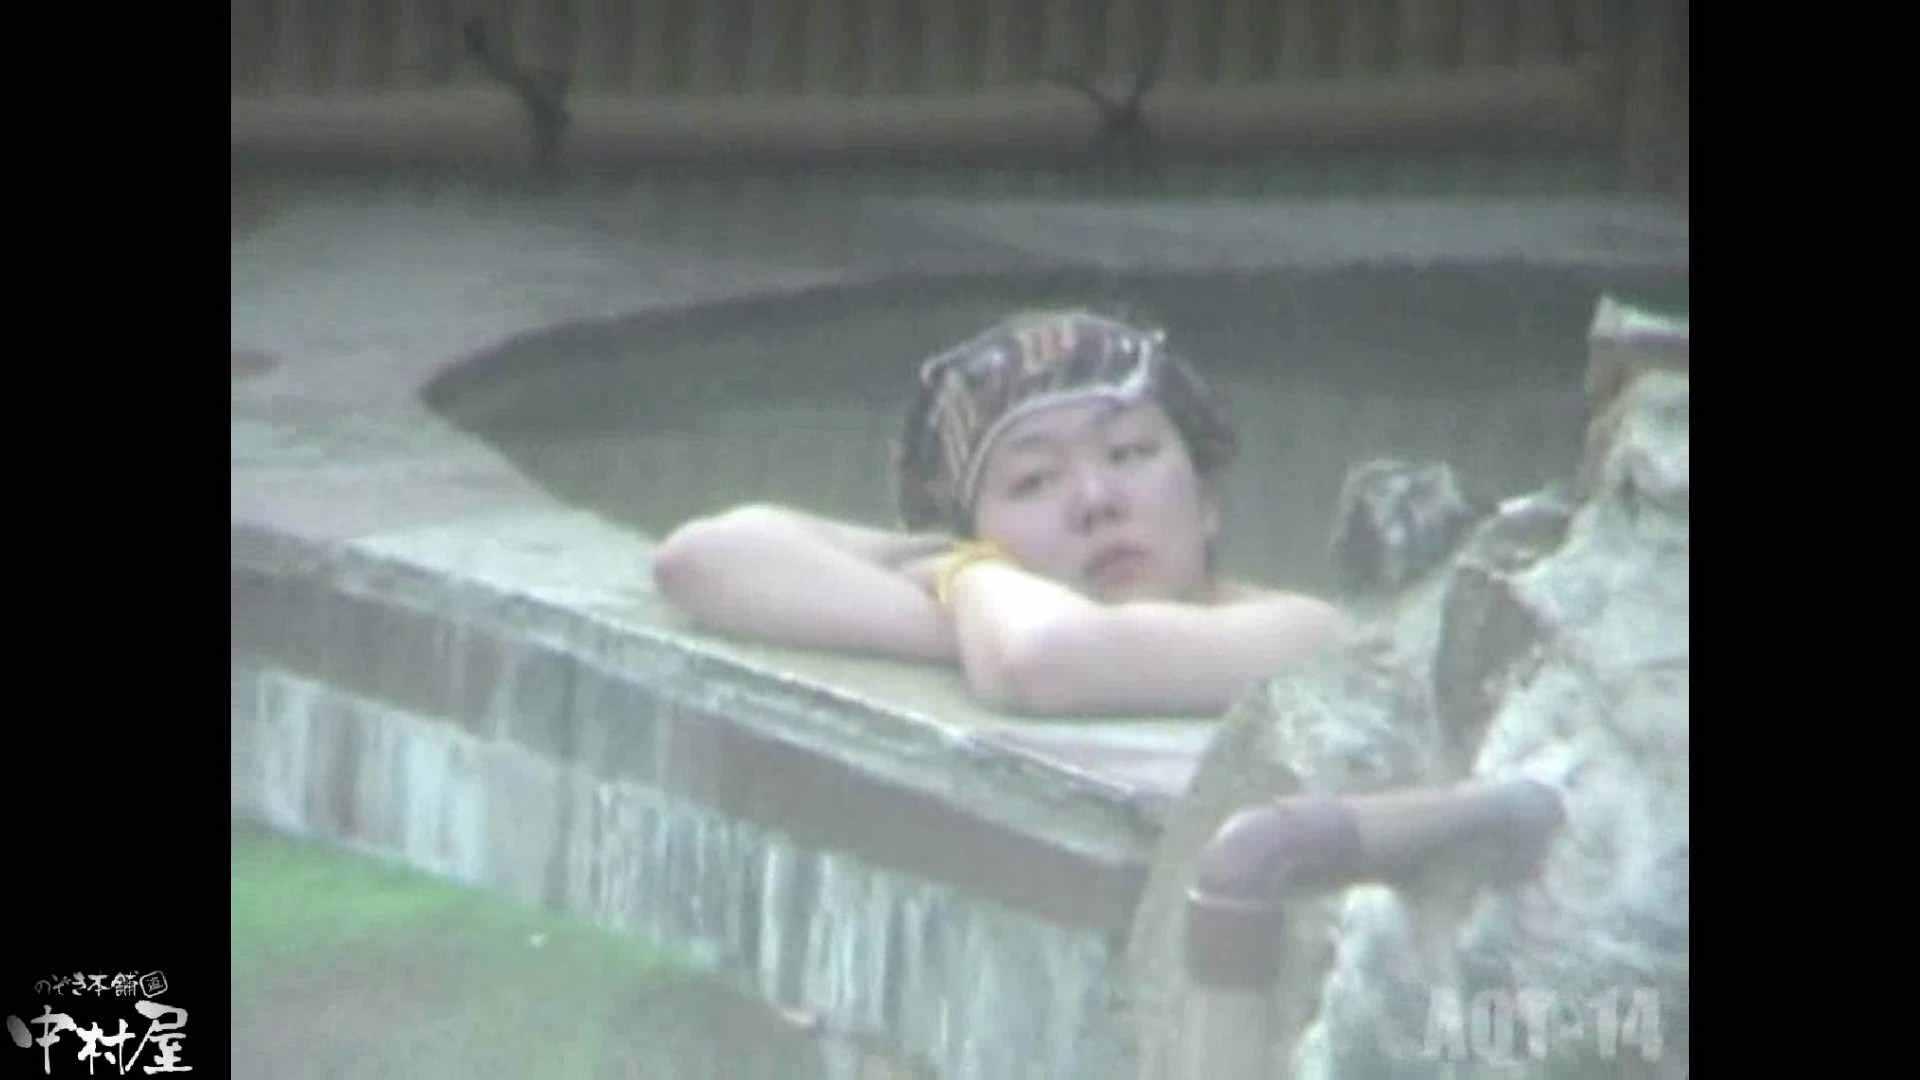 Aquaな露天風呂Vol.878潜入盗撮露天風呂十四判湯 其の十一 盗撮シリーズ  91PIX 42